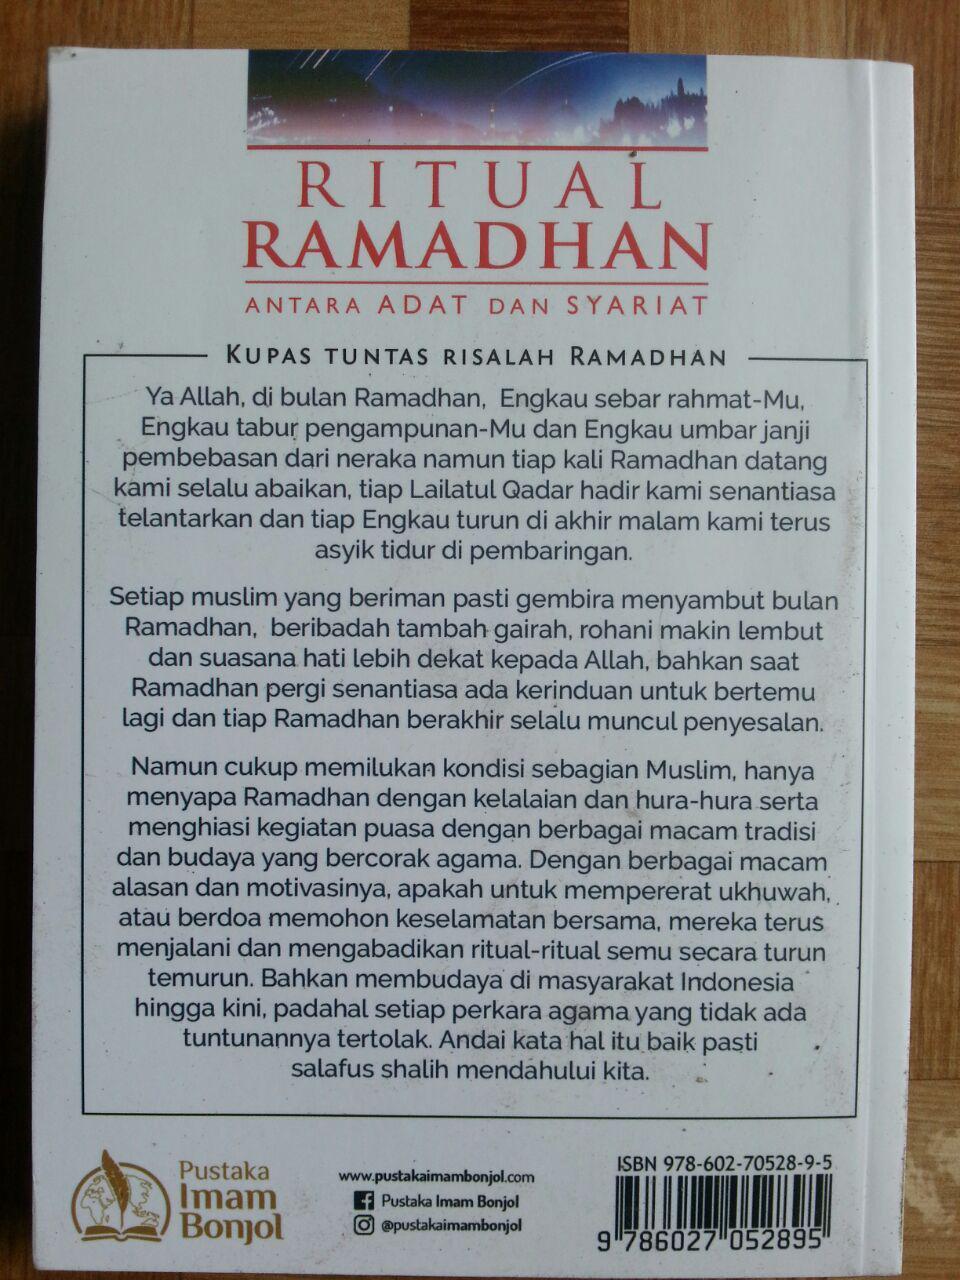 Buku Ritual Ramadhan Antara Adat Dan Syariat cover 2